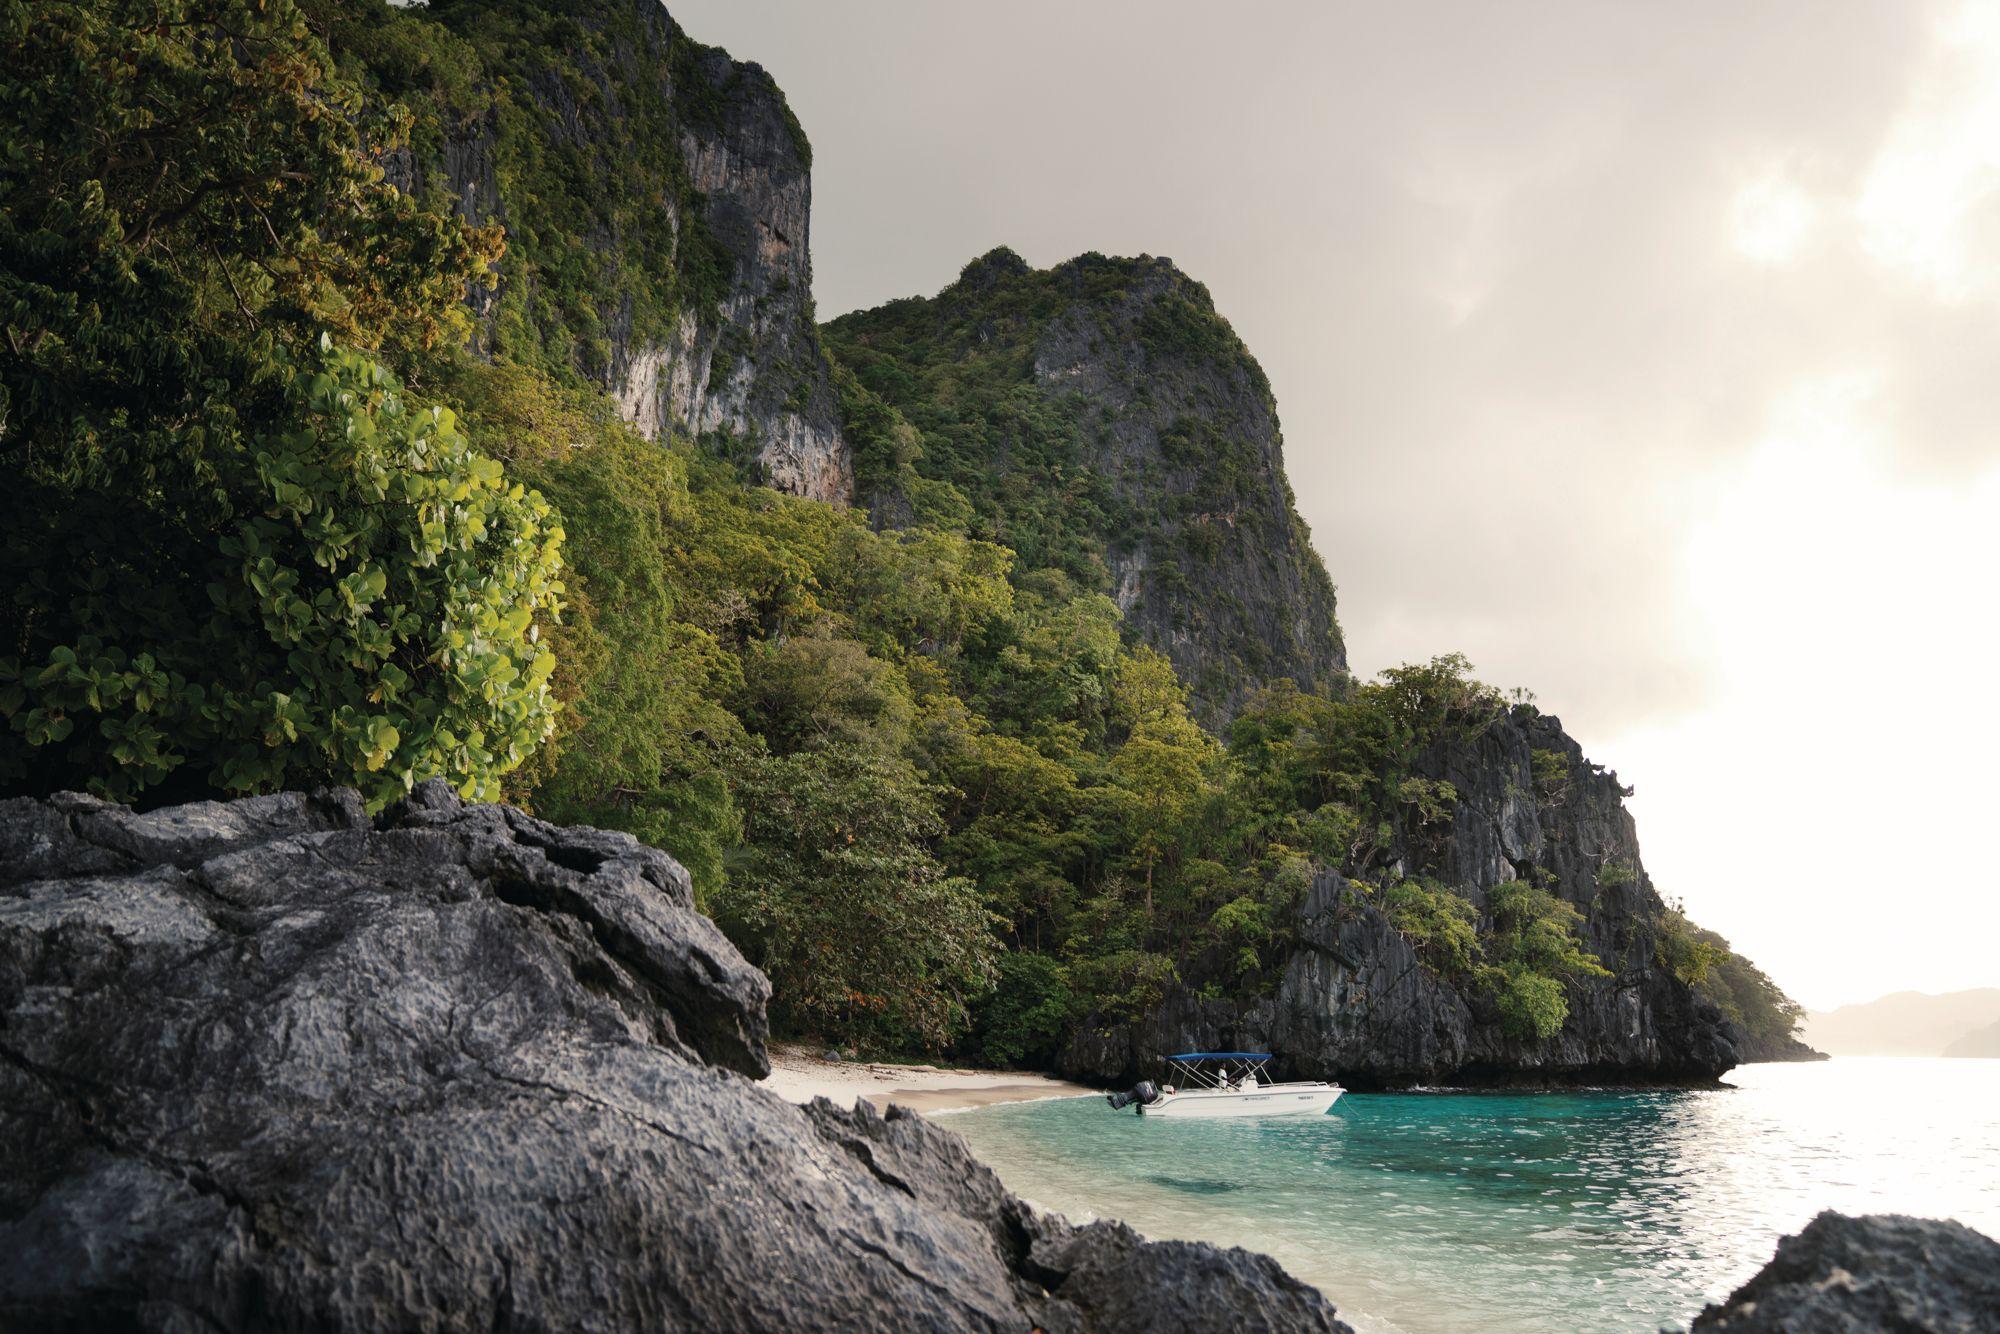 Túi cát điểm vịnh Bacuit, được khám phá tốt nhất bằng thuyền